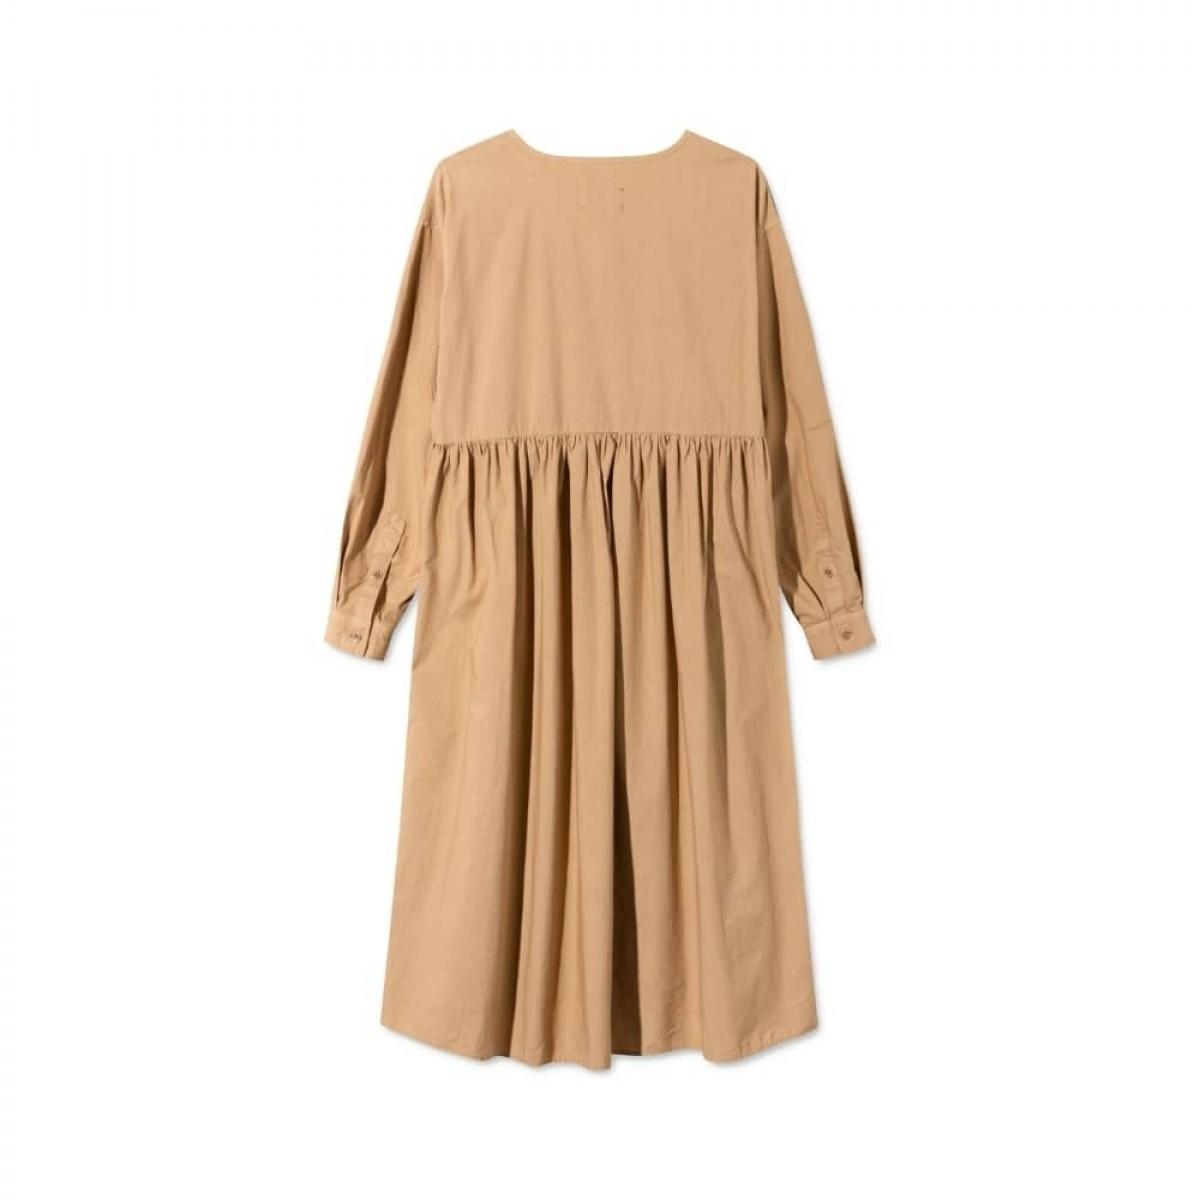 dixie kjole - light brown - ryg